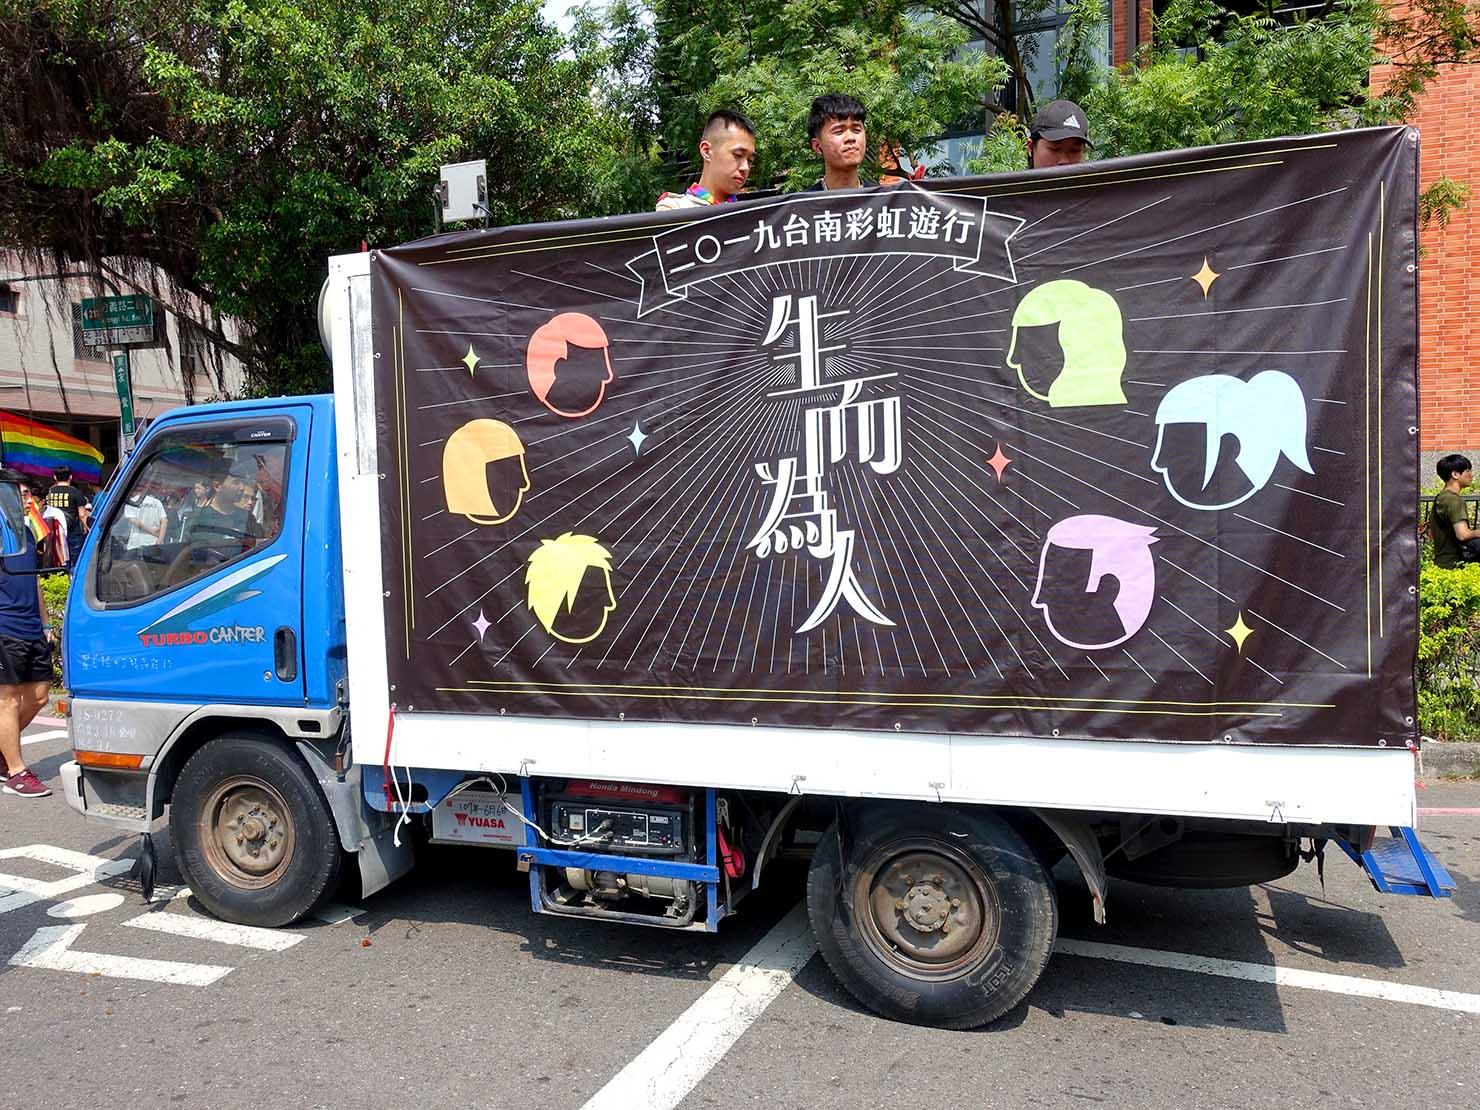 台南彩虹遊行(台南レインボーパレード)2019の先導車